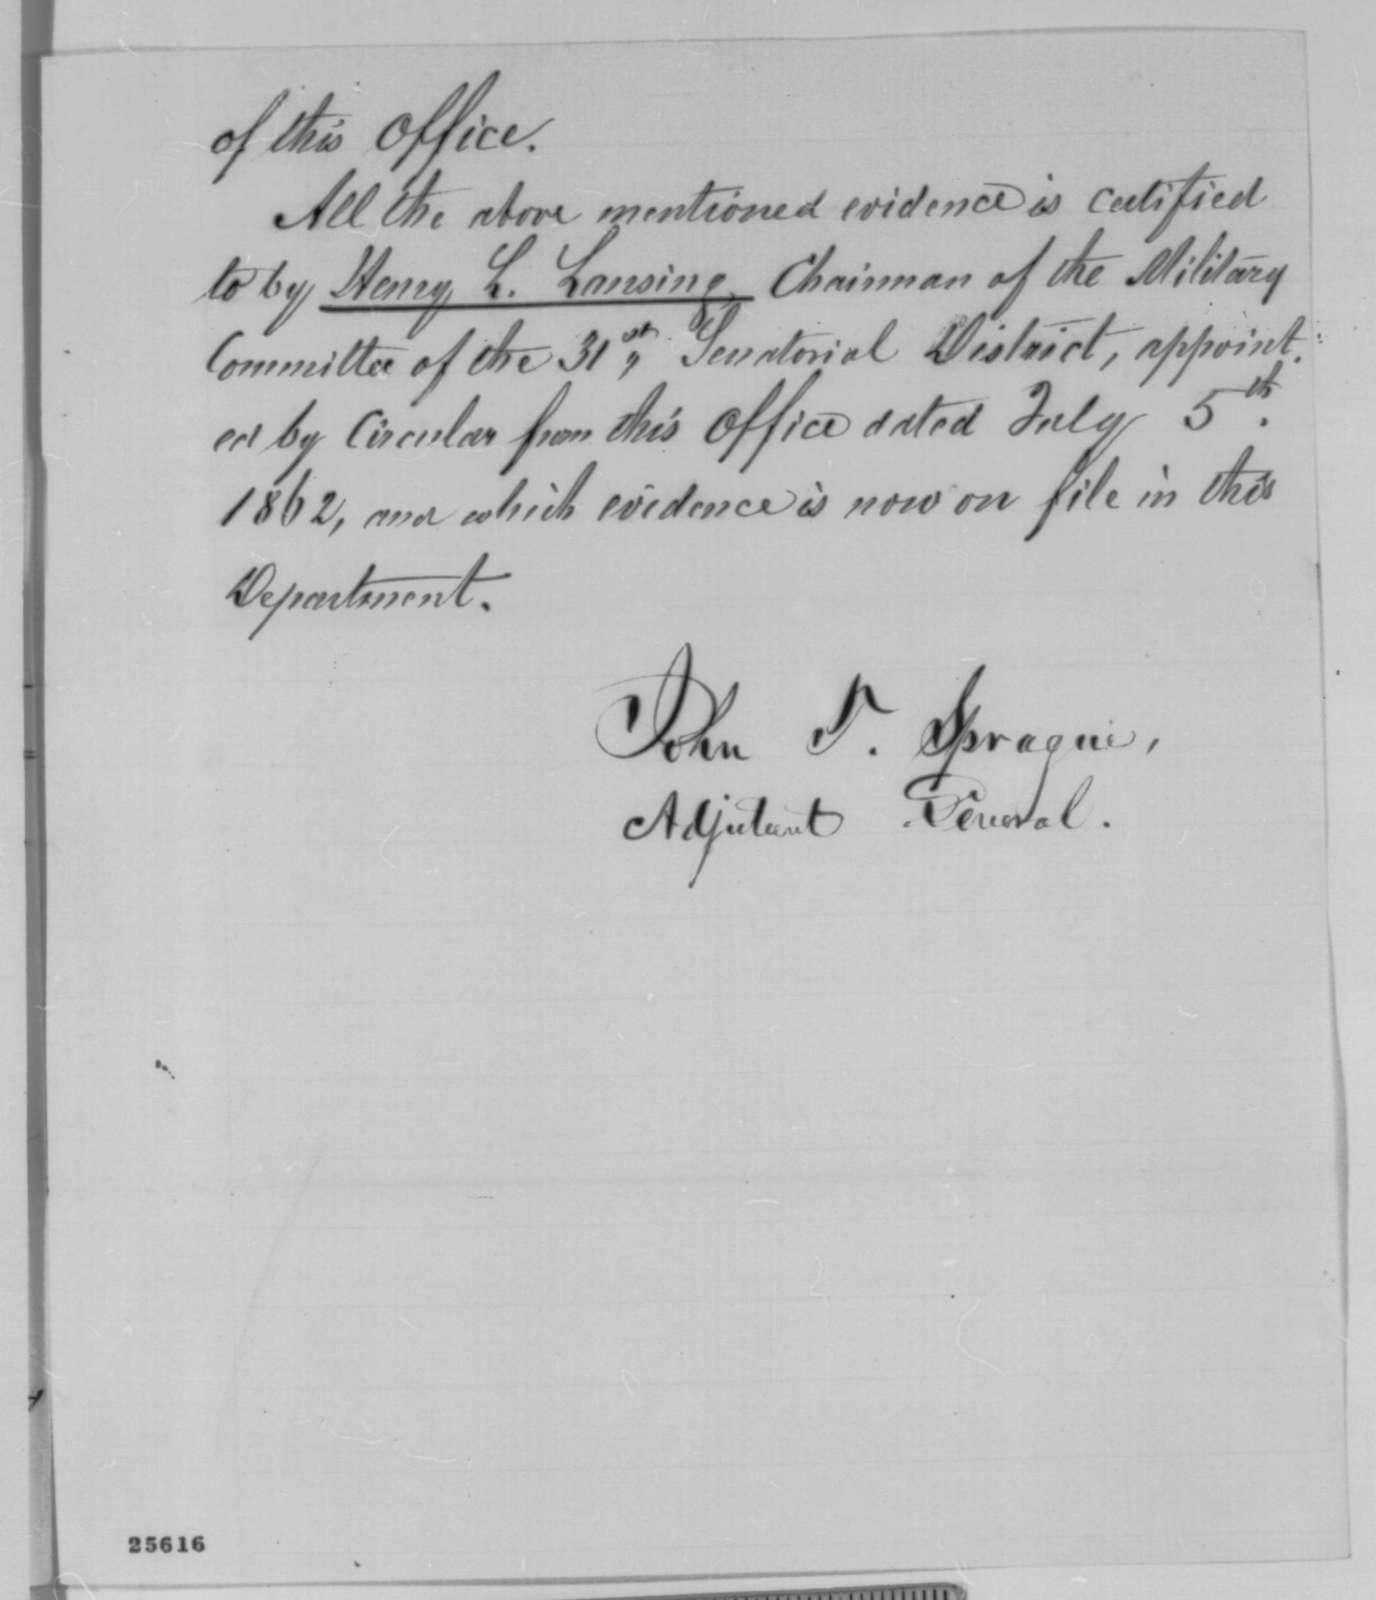 John T. Sprague, Friday, August 14, 1863  (Memorandum on quota for Erie, County New York)